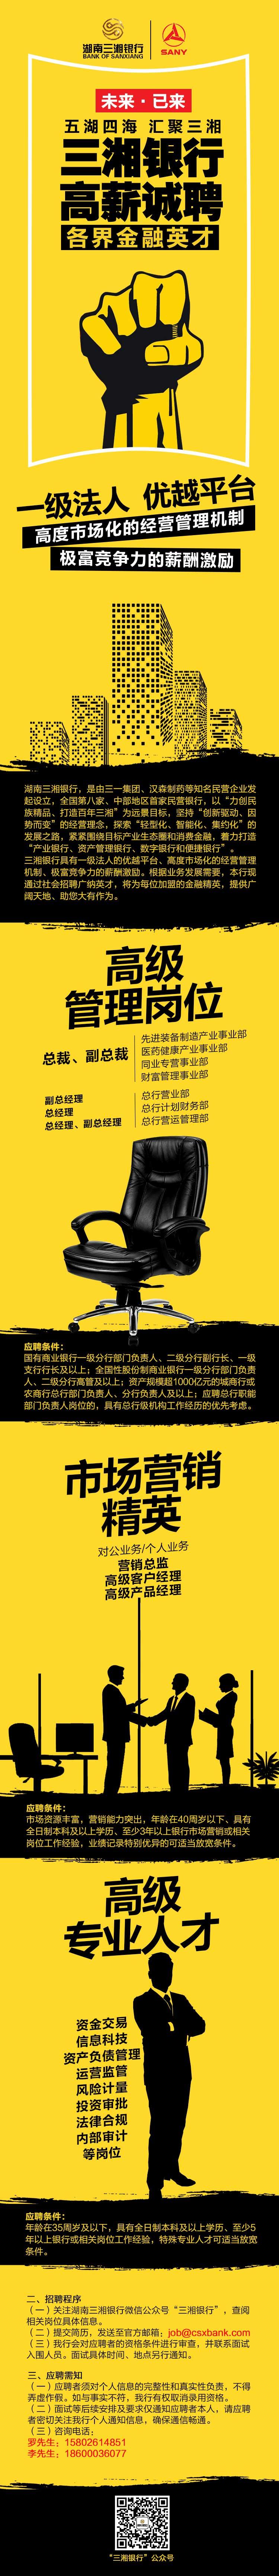 五湖四海 汇聚三湘——三湘银行高薪诚聘各界金融英才